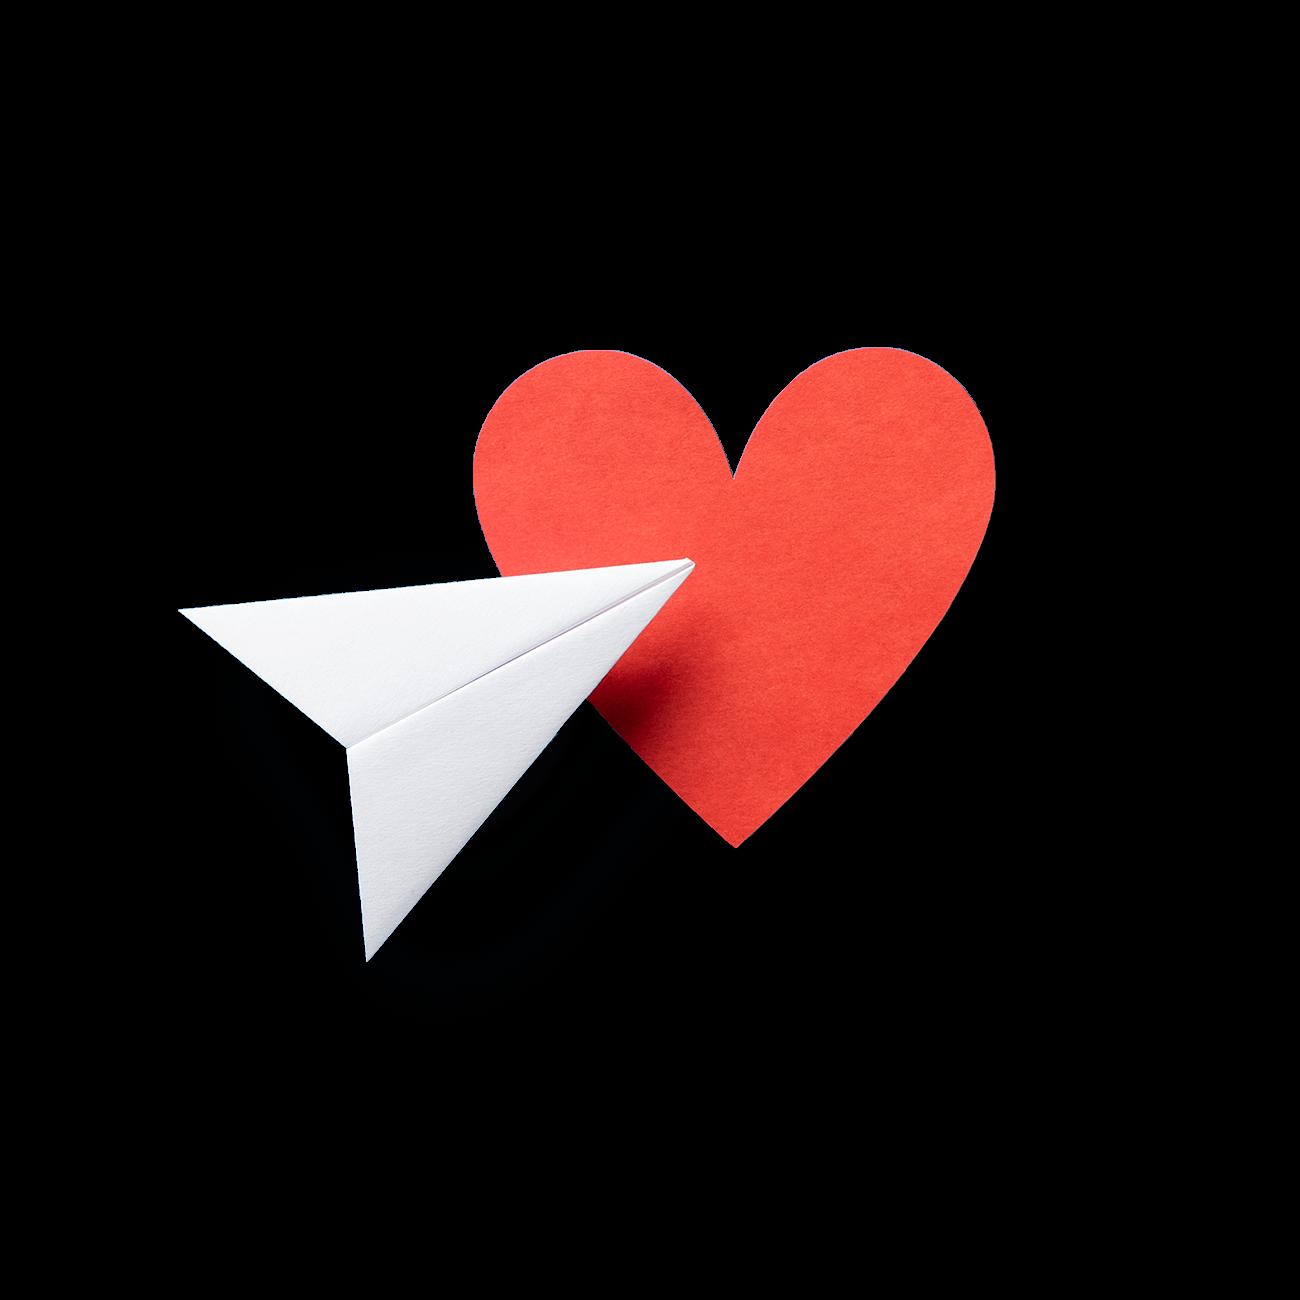 immagine cuore aereo di carta